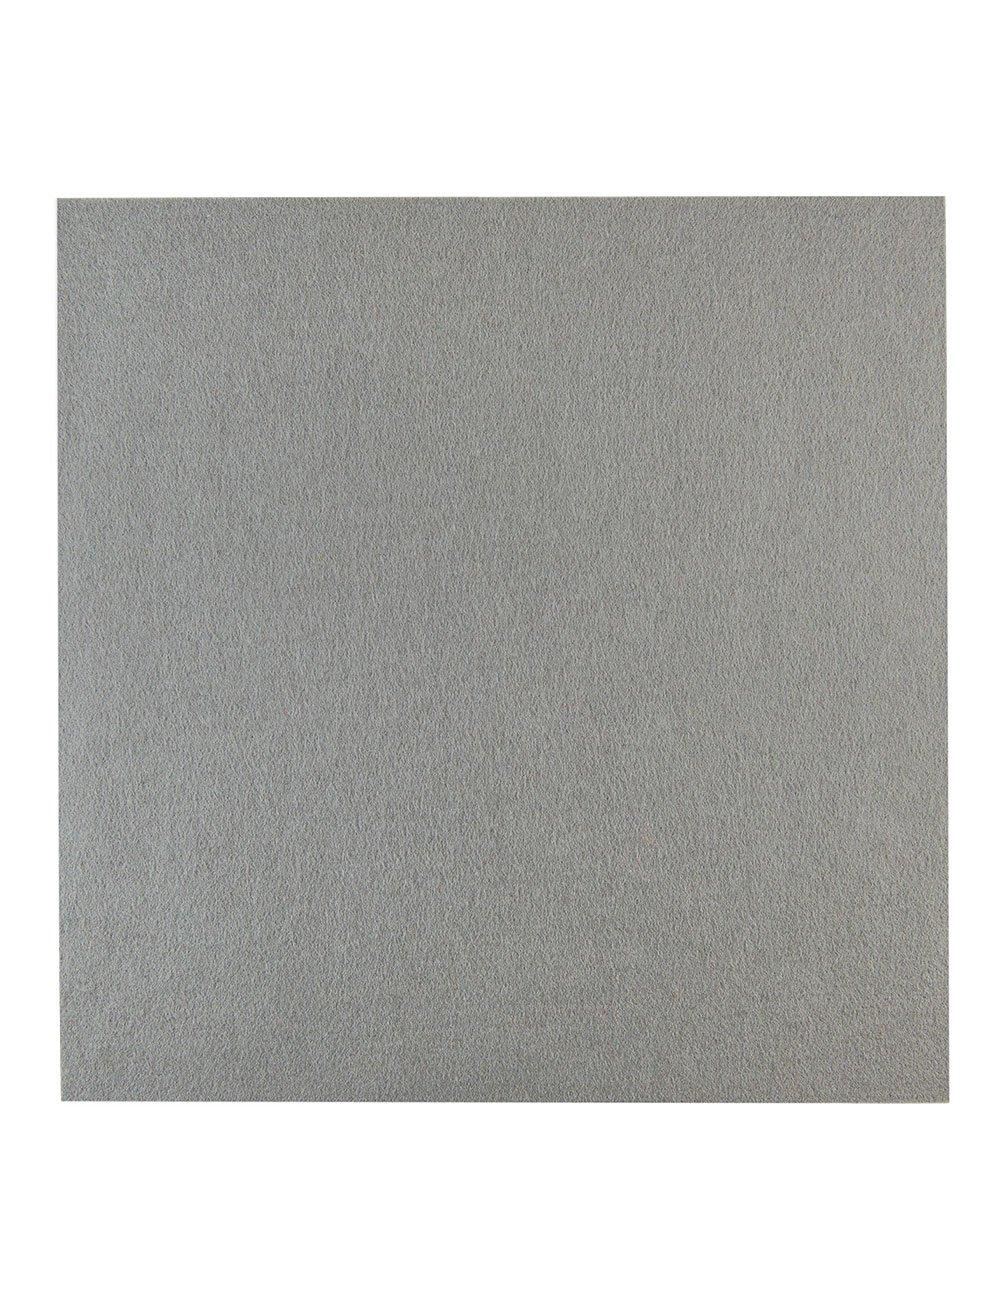 100/% Wool Felt 12In x 12In x 1.2mm Black